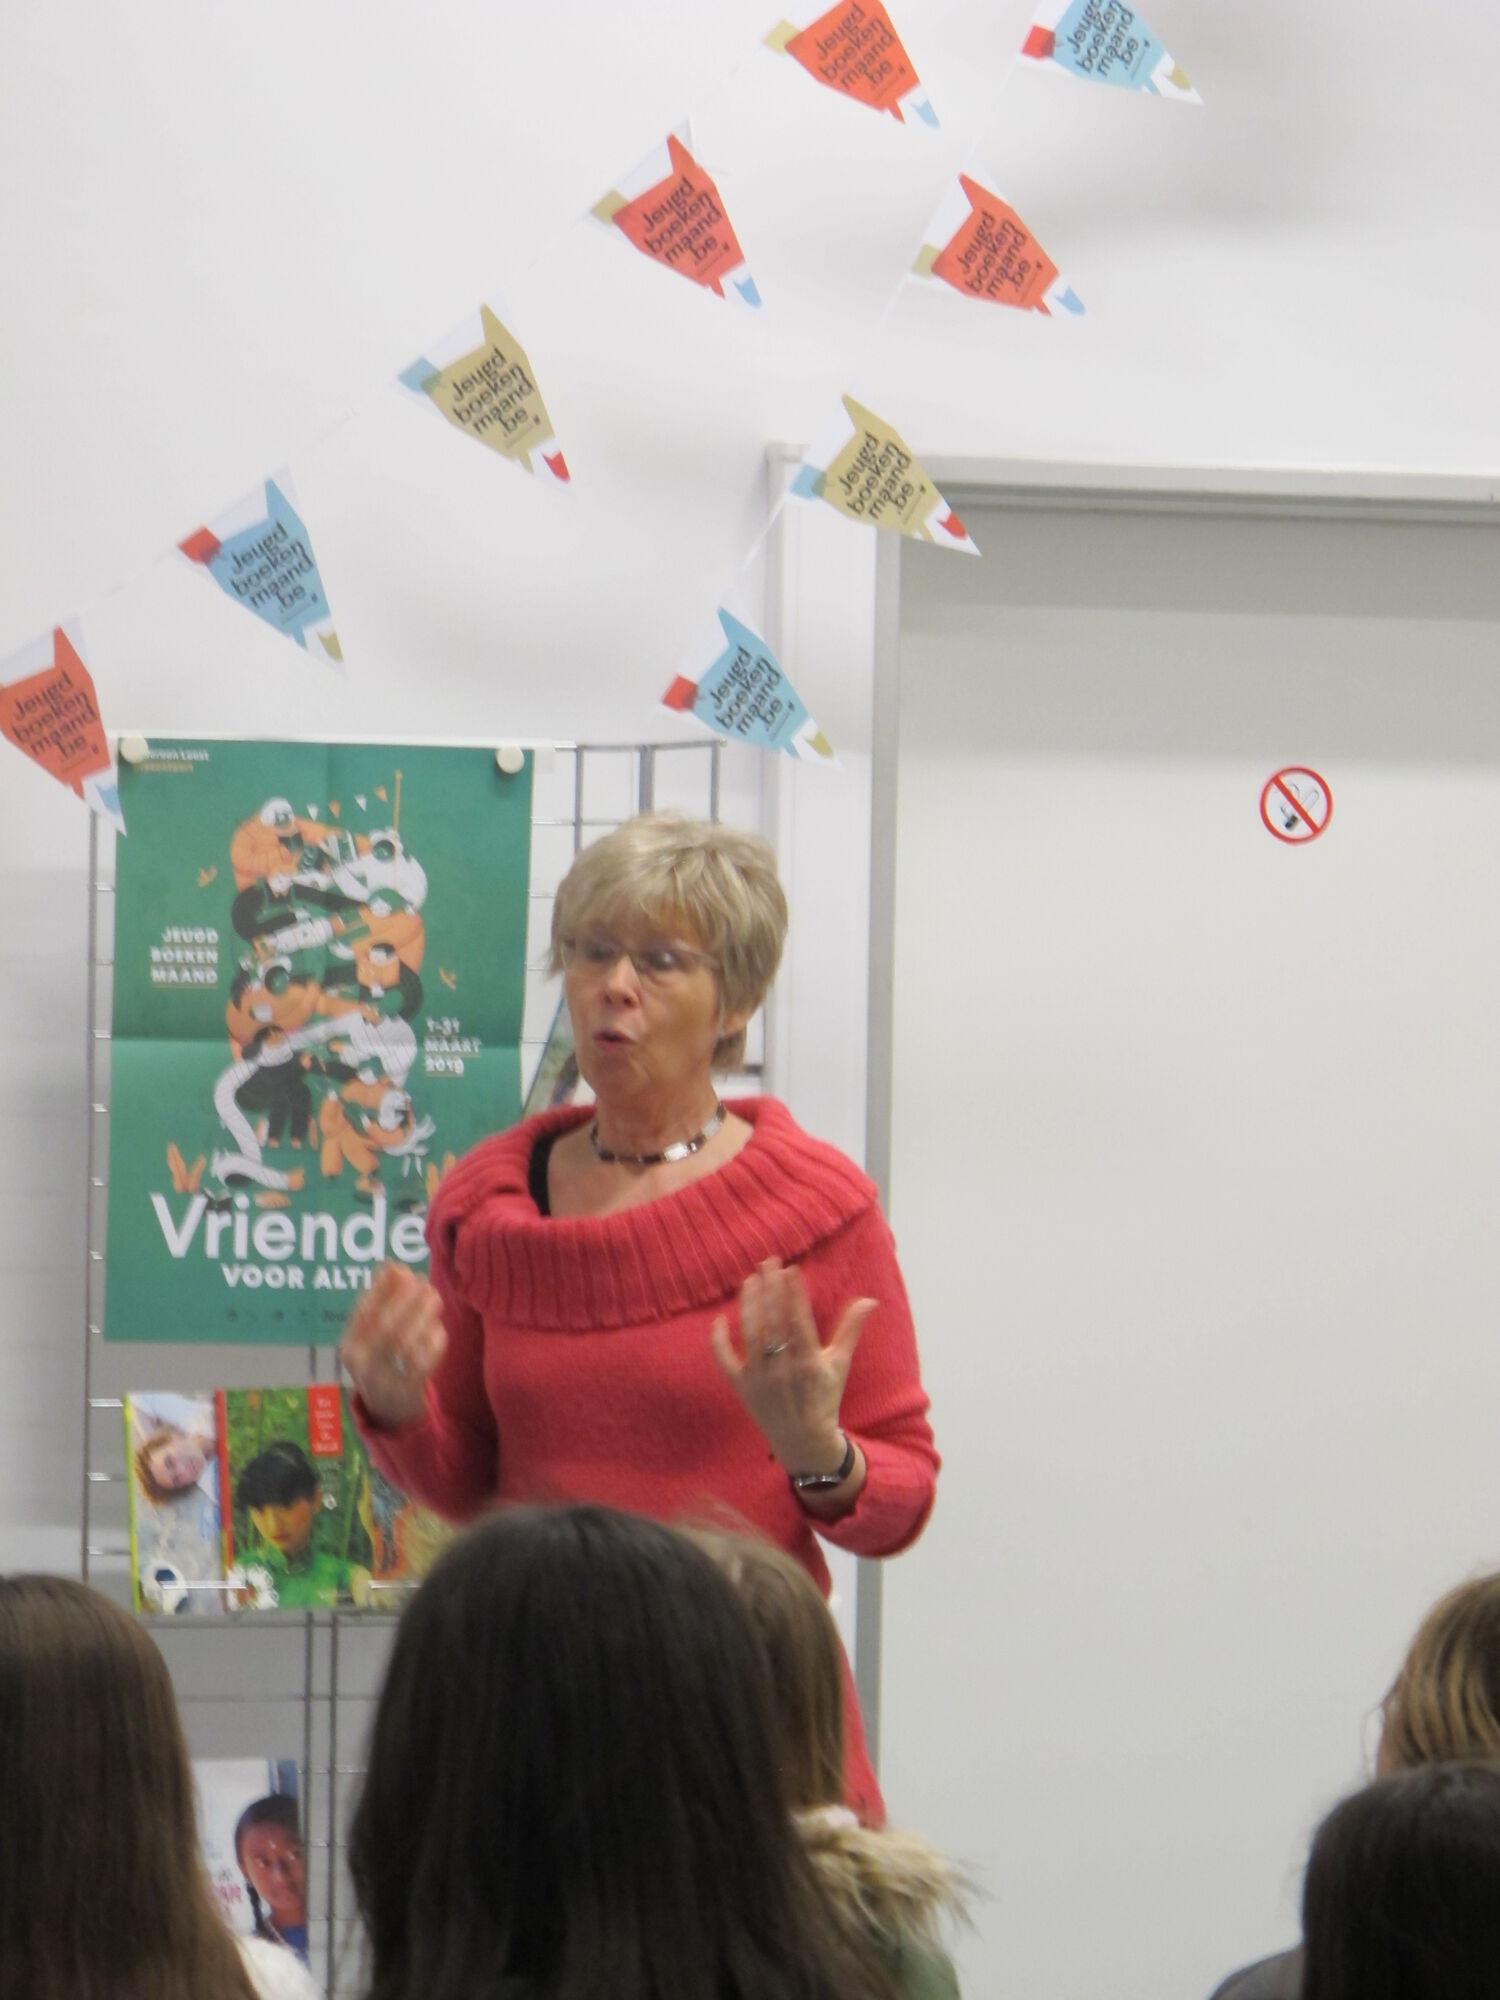 Gerda Van Erkel